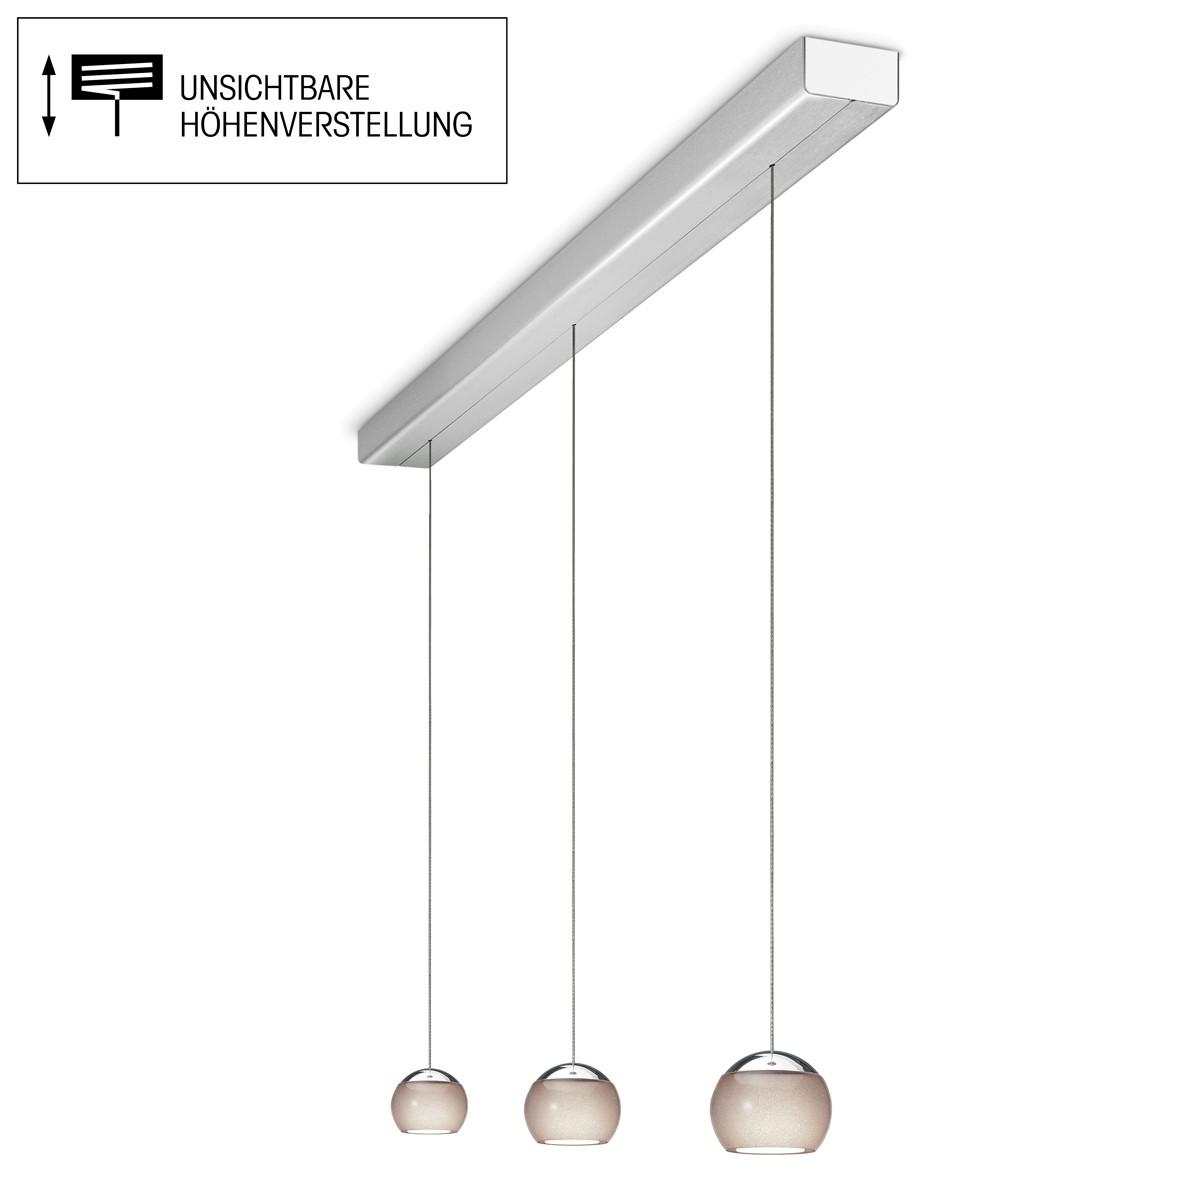 Oligo Balino LED Pendelleuchte, 3-flg., unsichtbare Höhenverstellung, Baldachin: Alu gebürstet, Chrom / diamantgrau glänzend